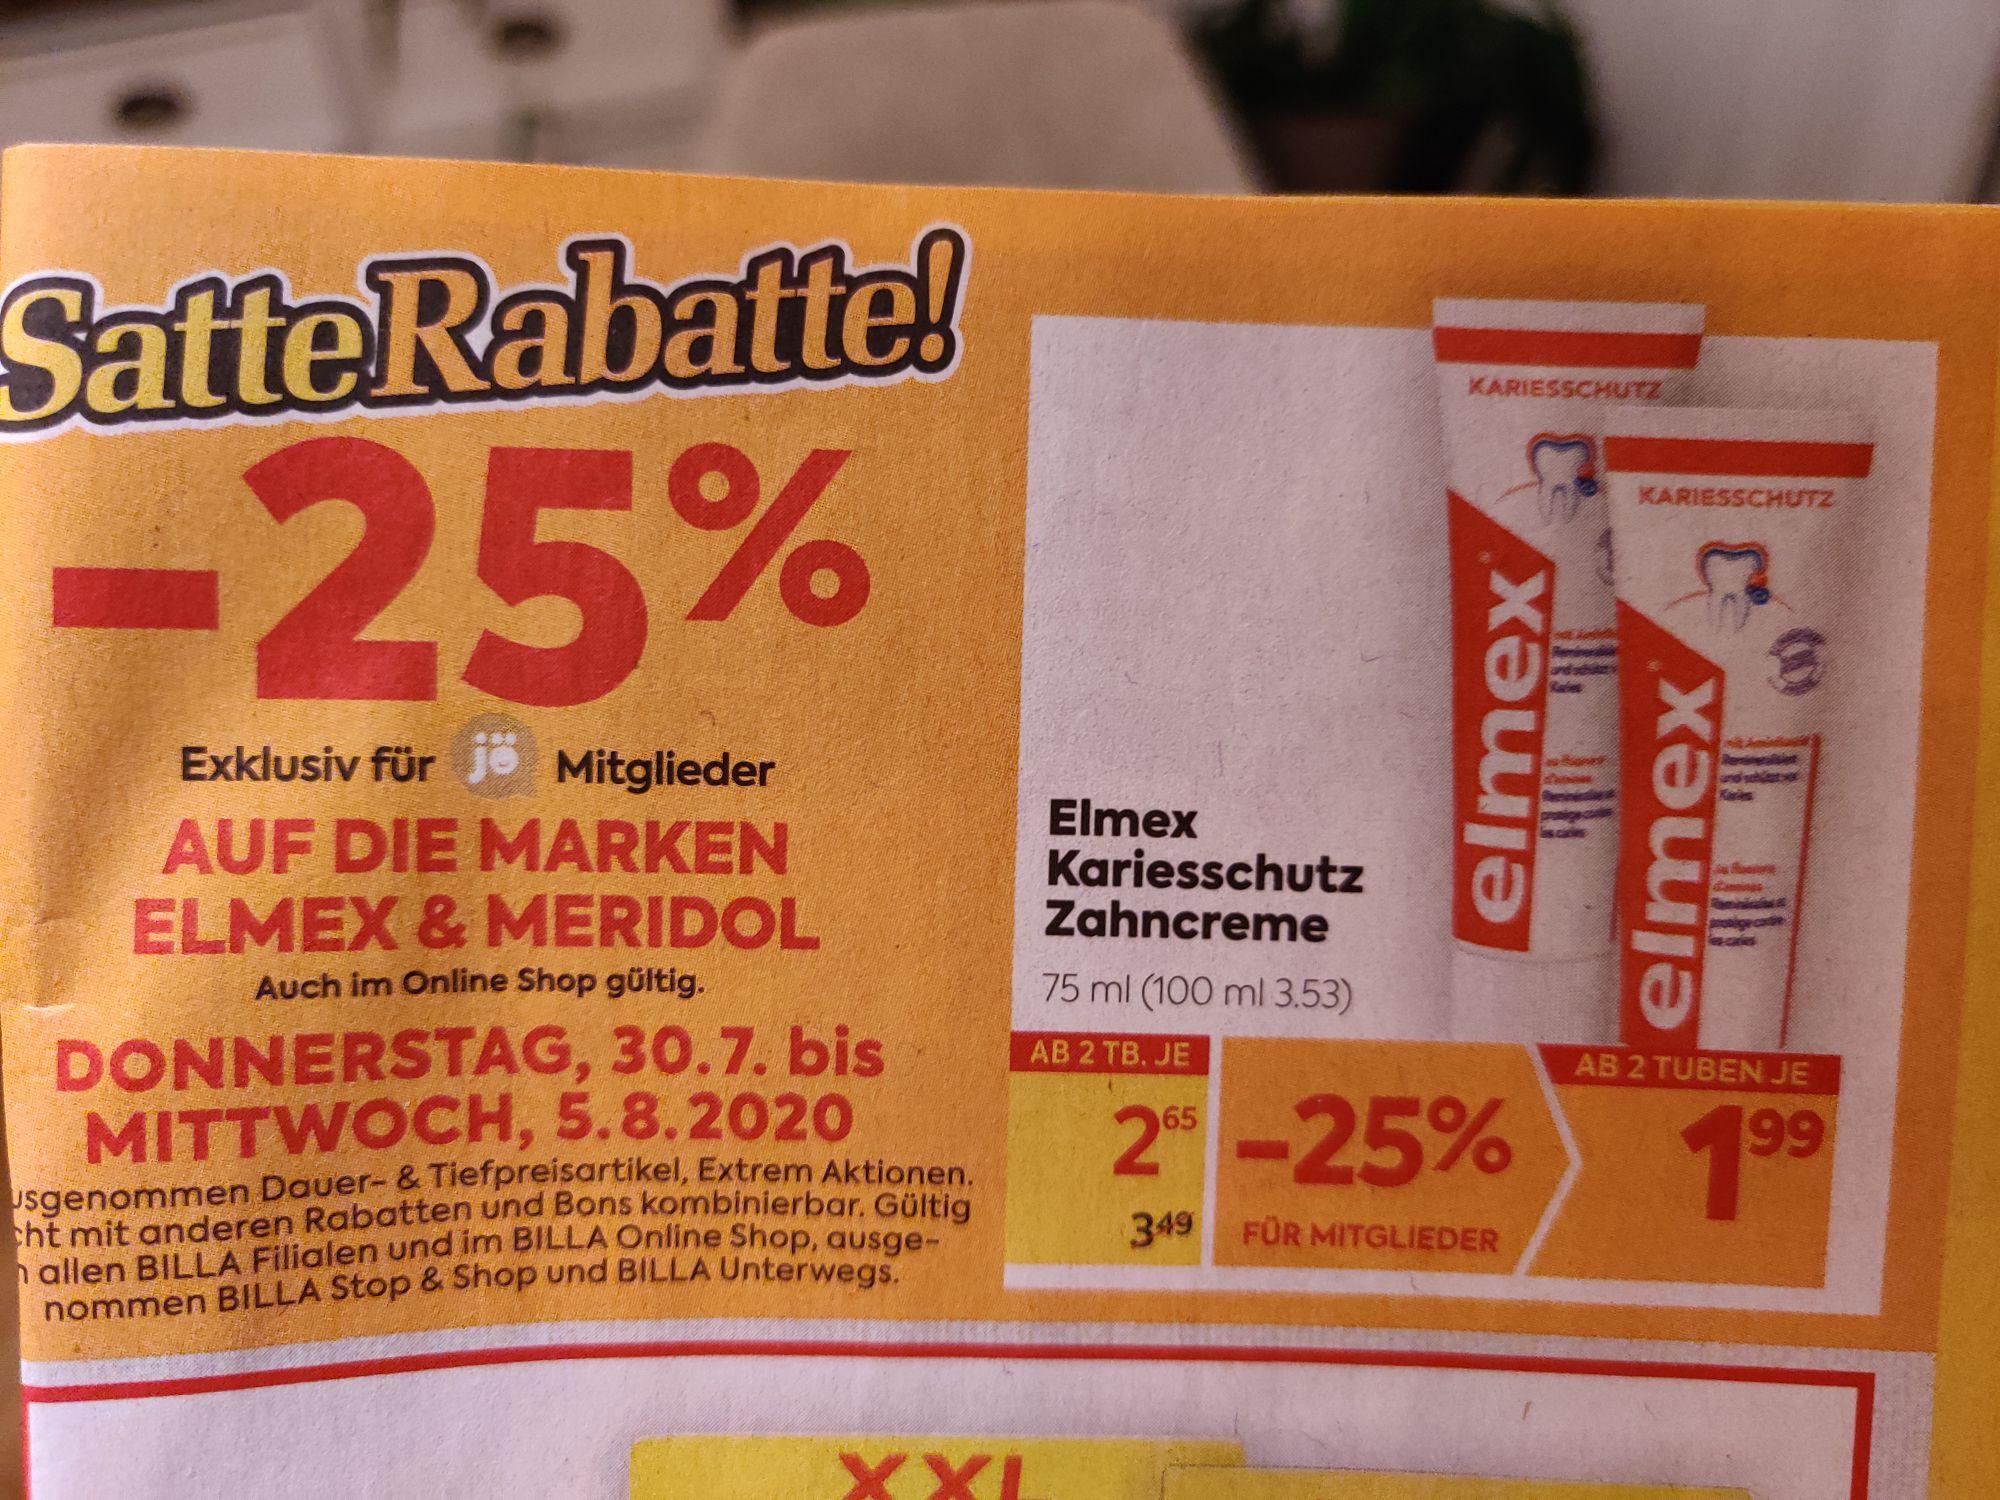 Elmex Karriesschutz mit Sticker zum Superpreis